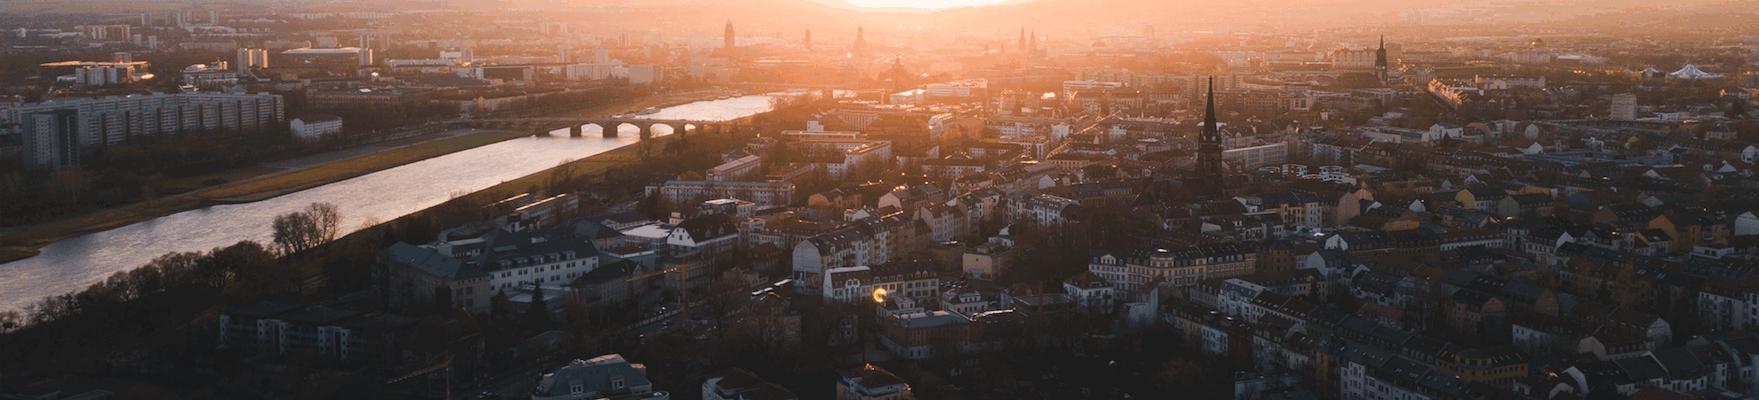 Lustige Stadtrundfahrt in sächischer Mundart Dresden 29.9.